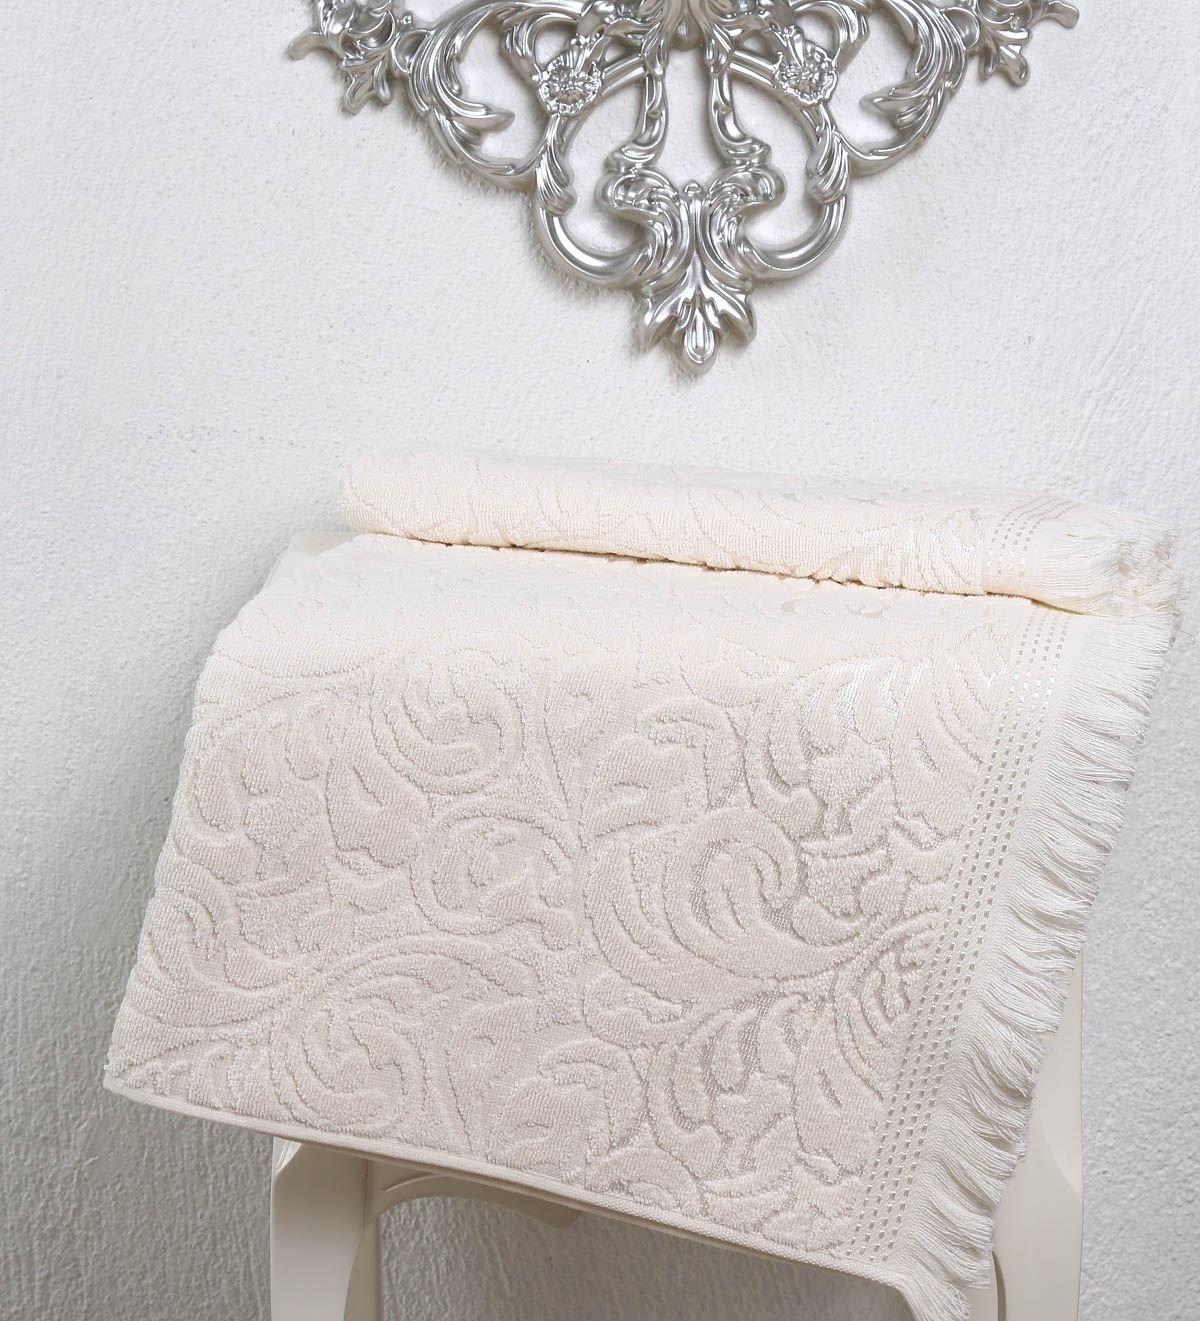 Полотенца Karna Полотенце Esra Цвет: Кремовый (70х140 см) karna karna полотенце innes цвет красный 70х140 см